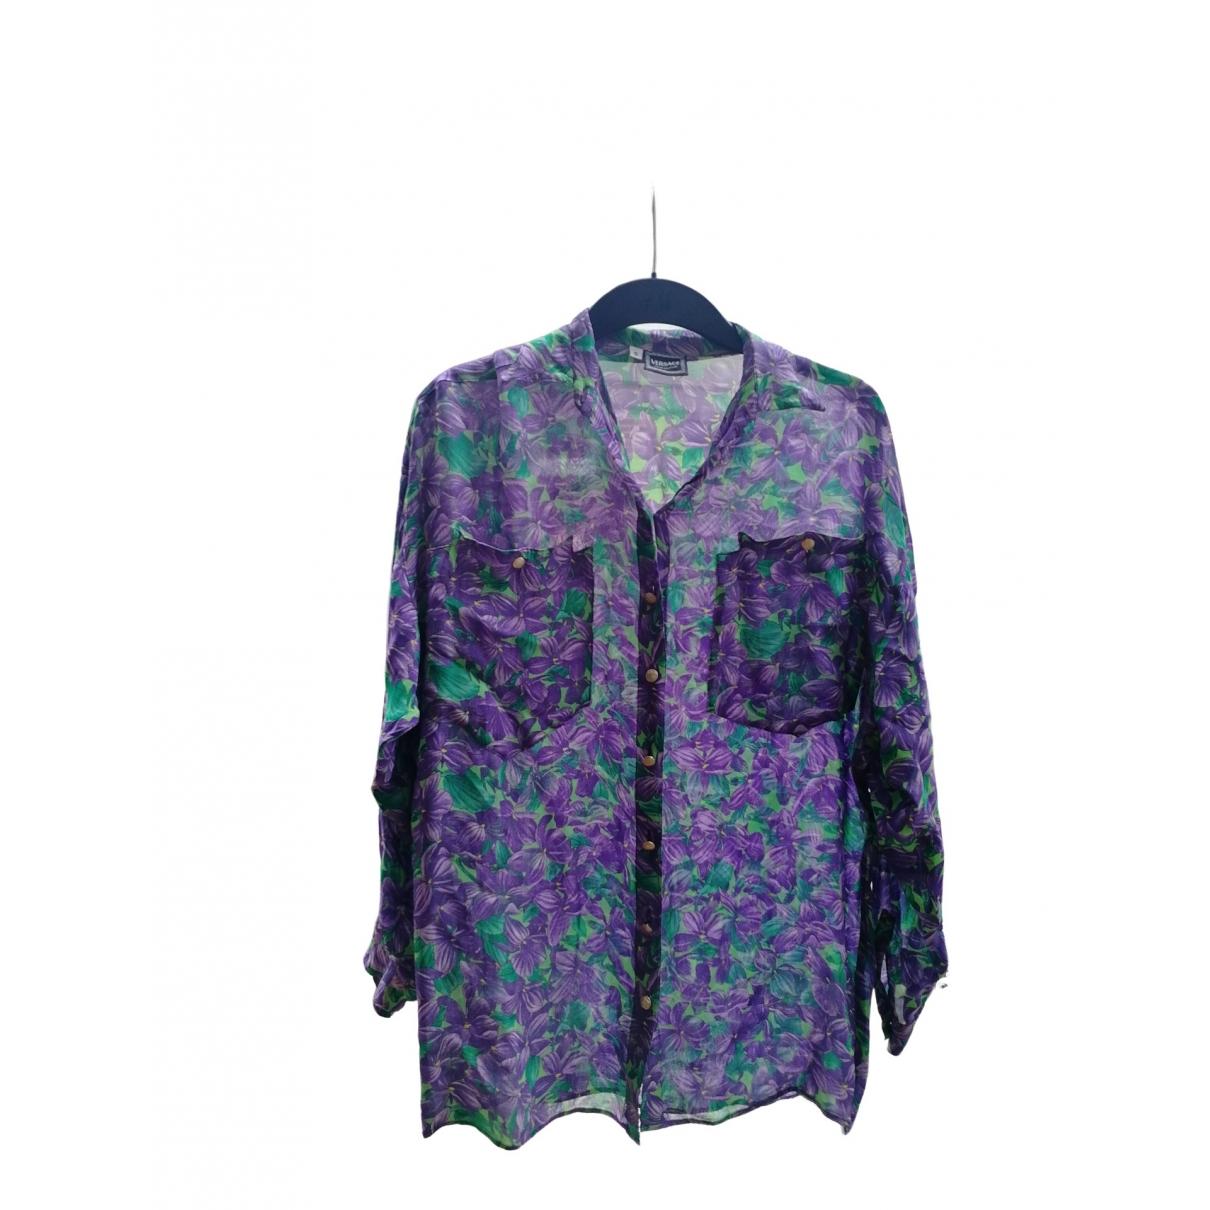 Versace Jean - Top   pour femme - violet